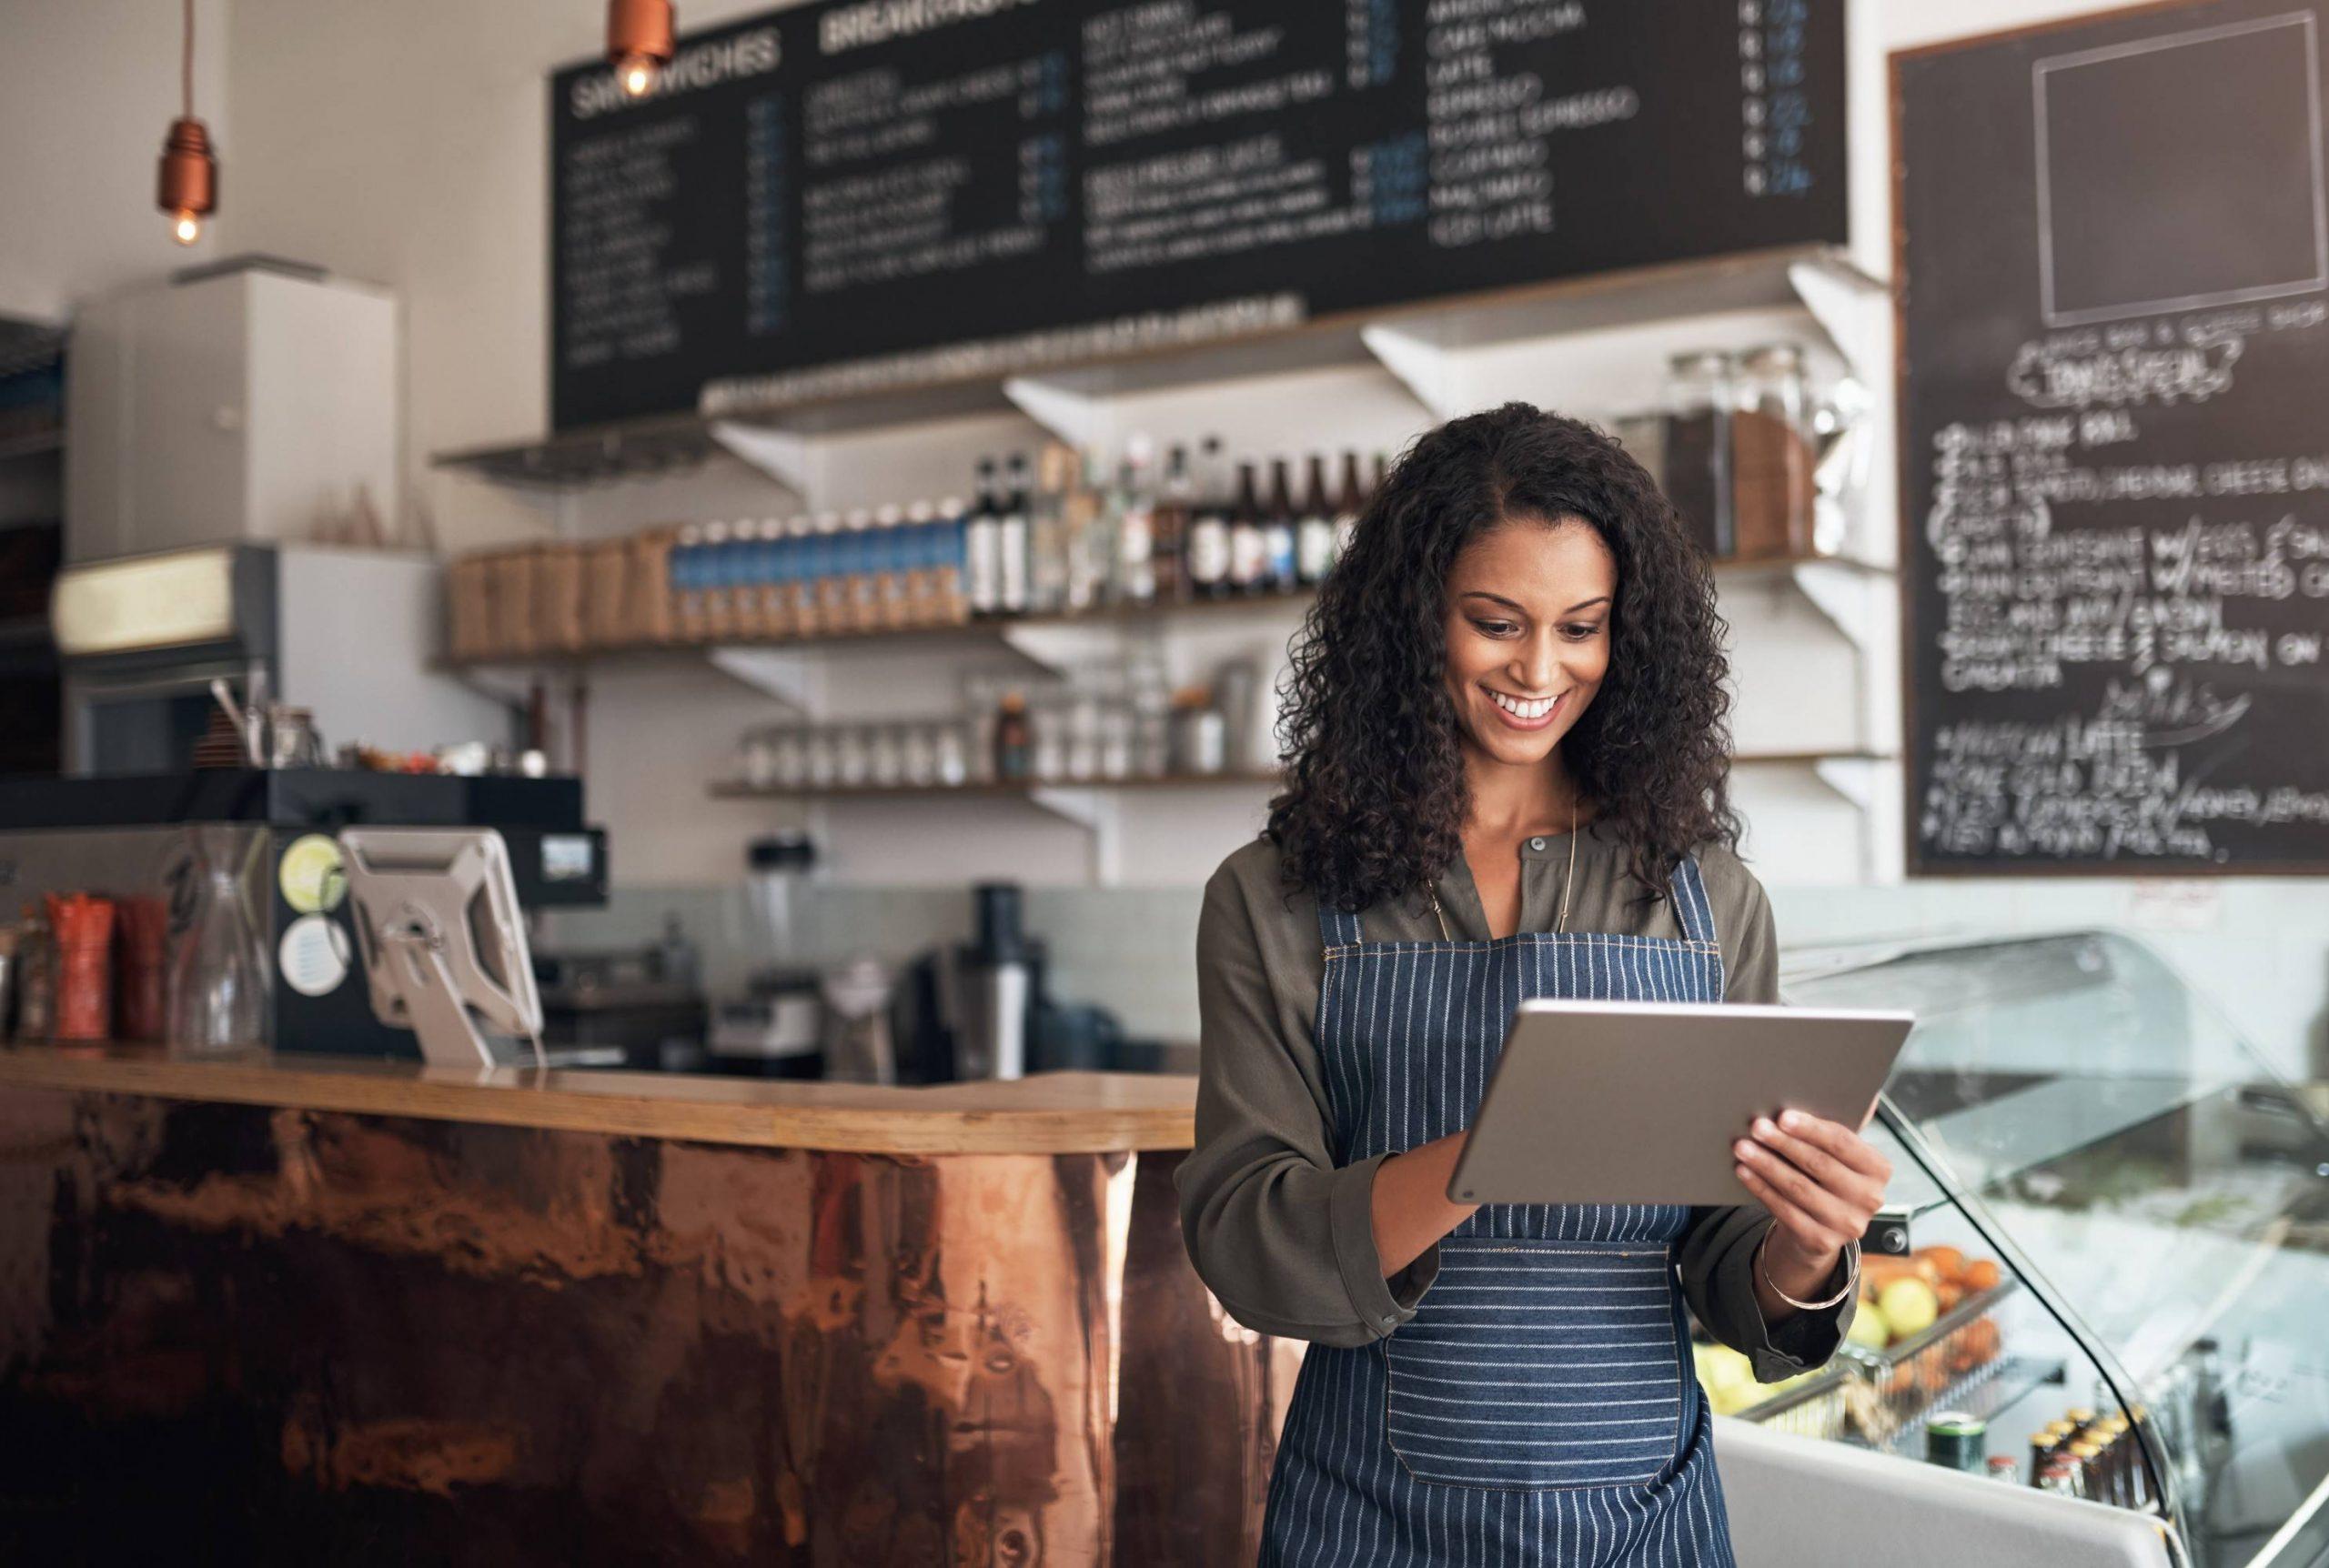 inovação nos pequenos negócios